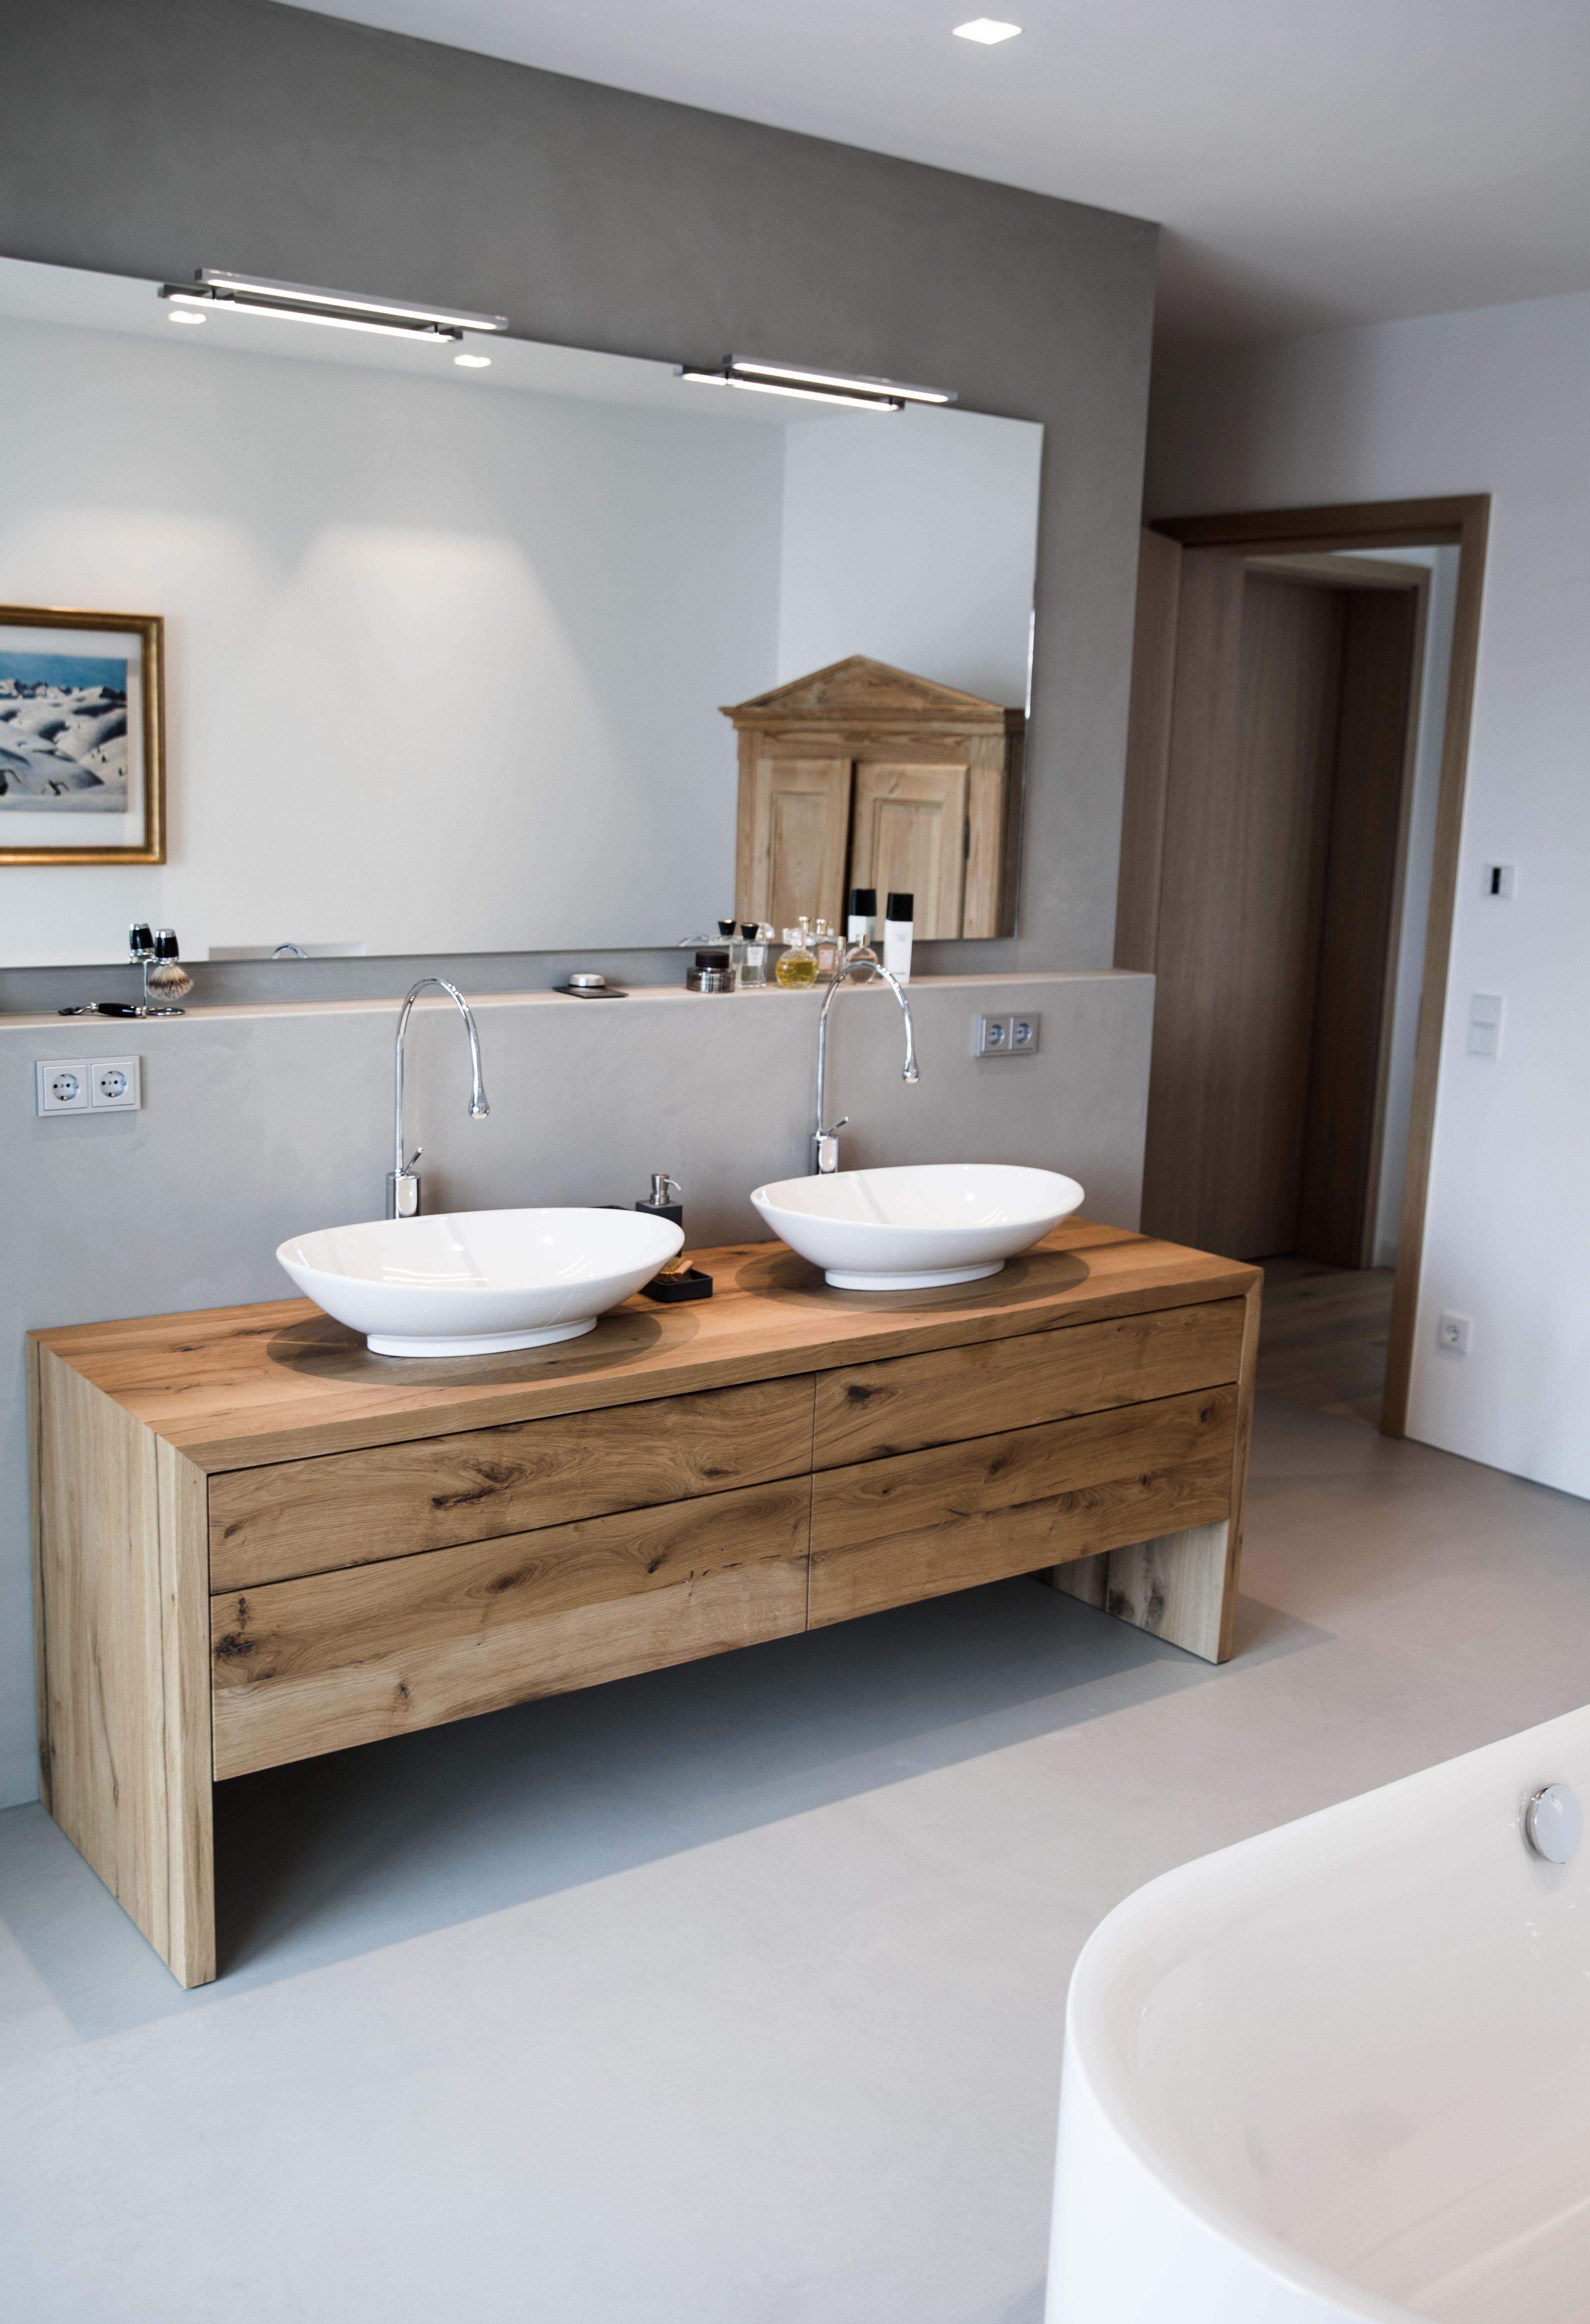 badezimmerboden designboden | bad | pinterest | badezimmer, bäder